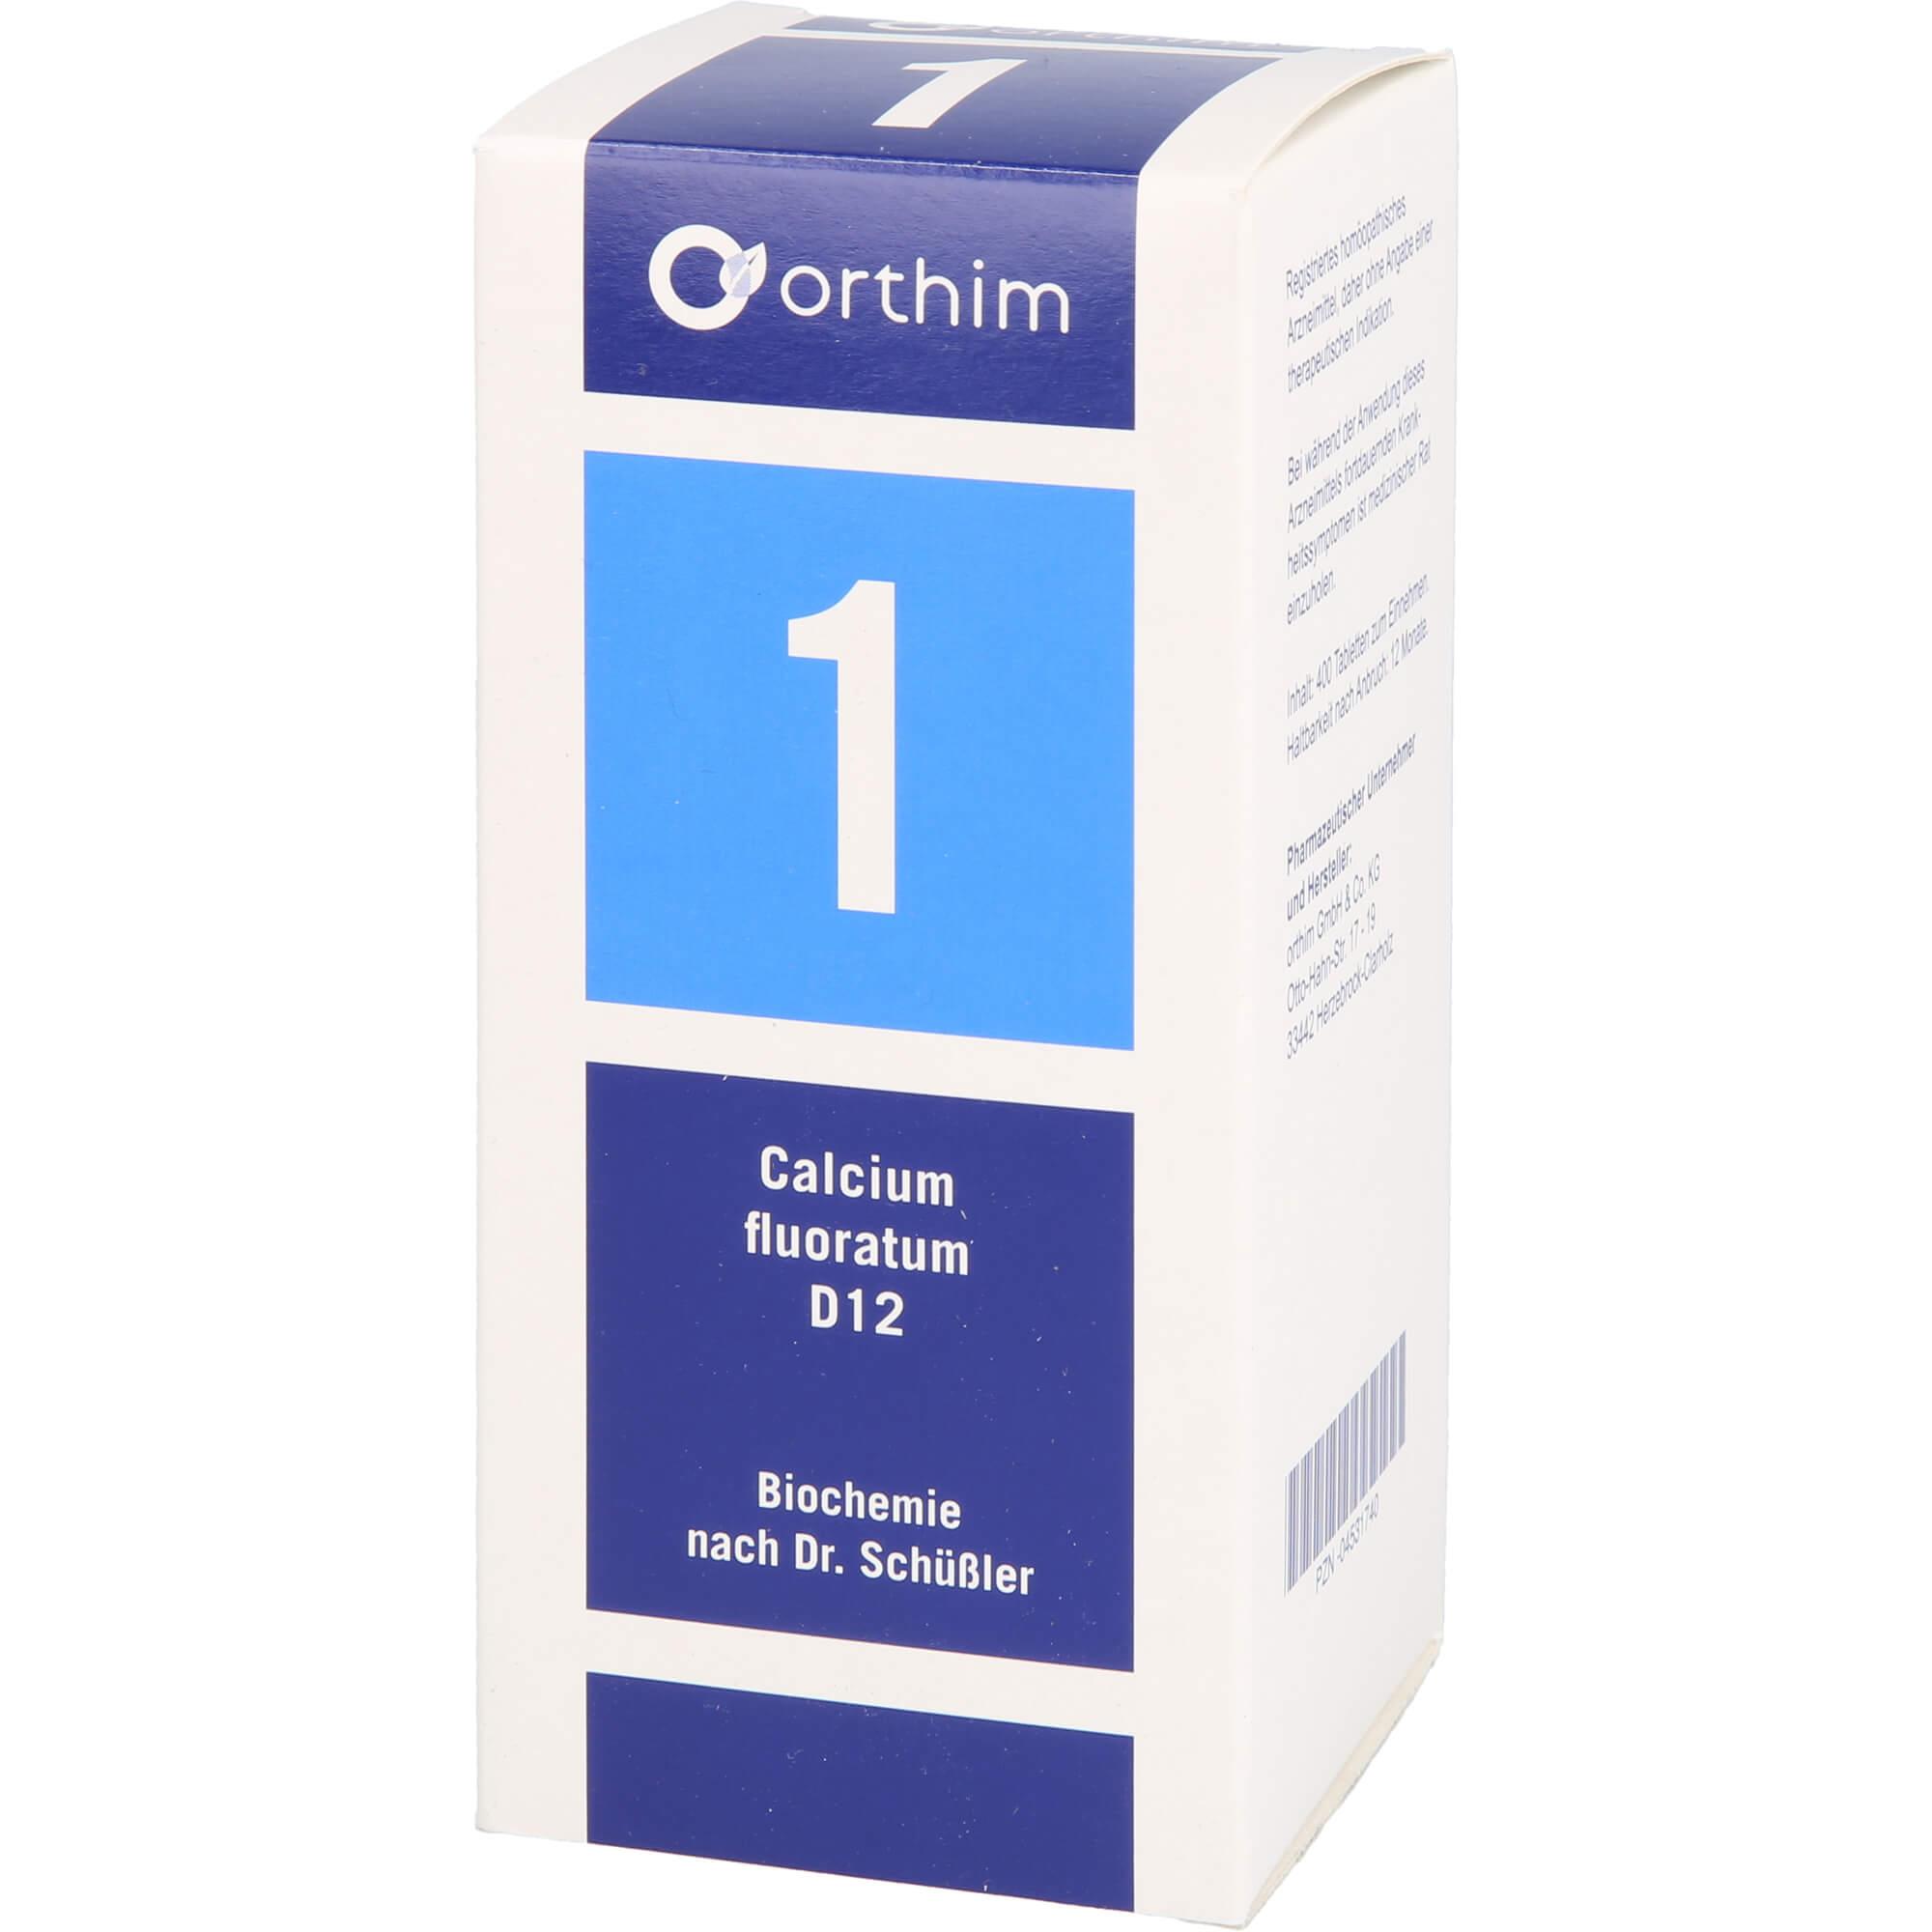 BIOCHEMIE Orthim 1 Calcium fluoratum D 12 Tabl.